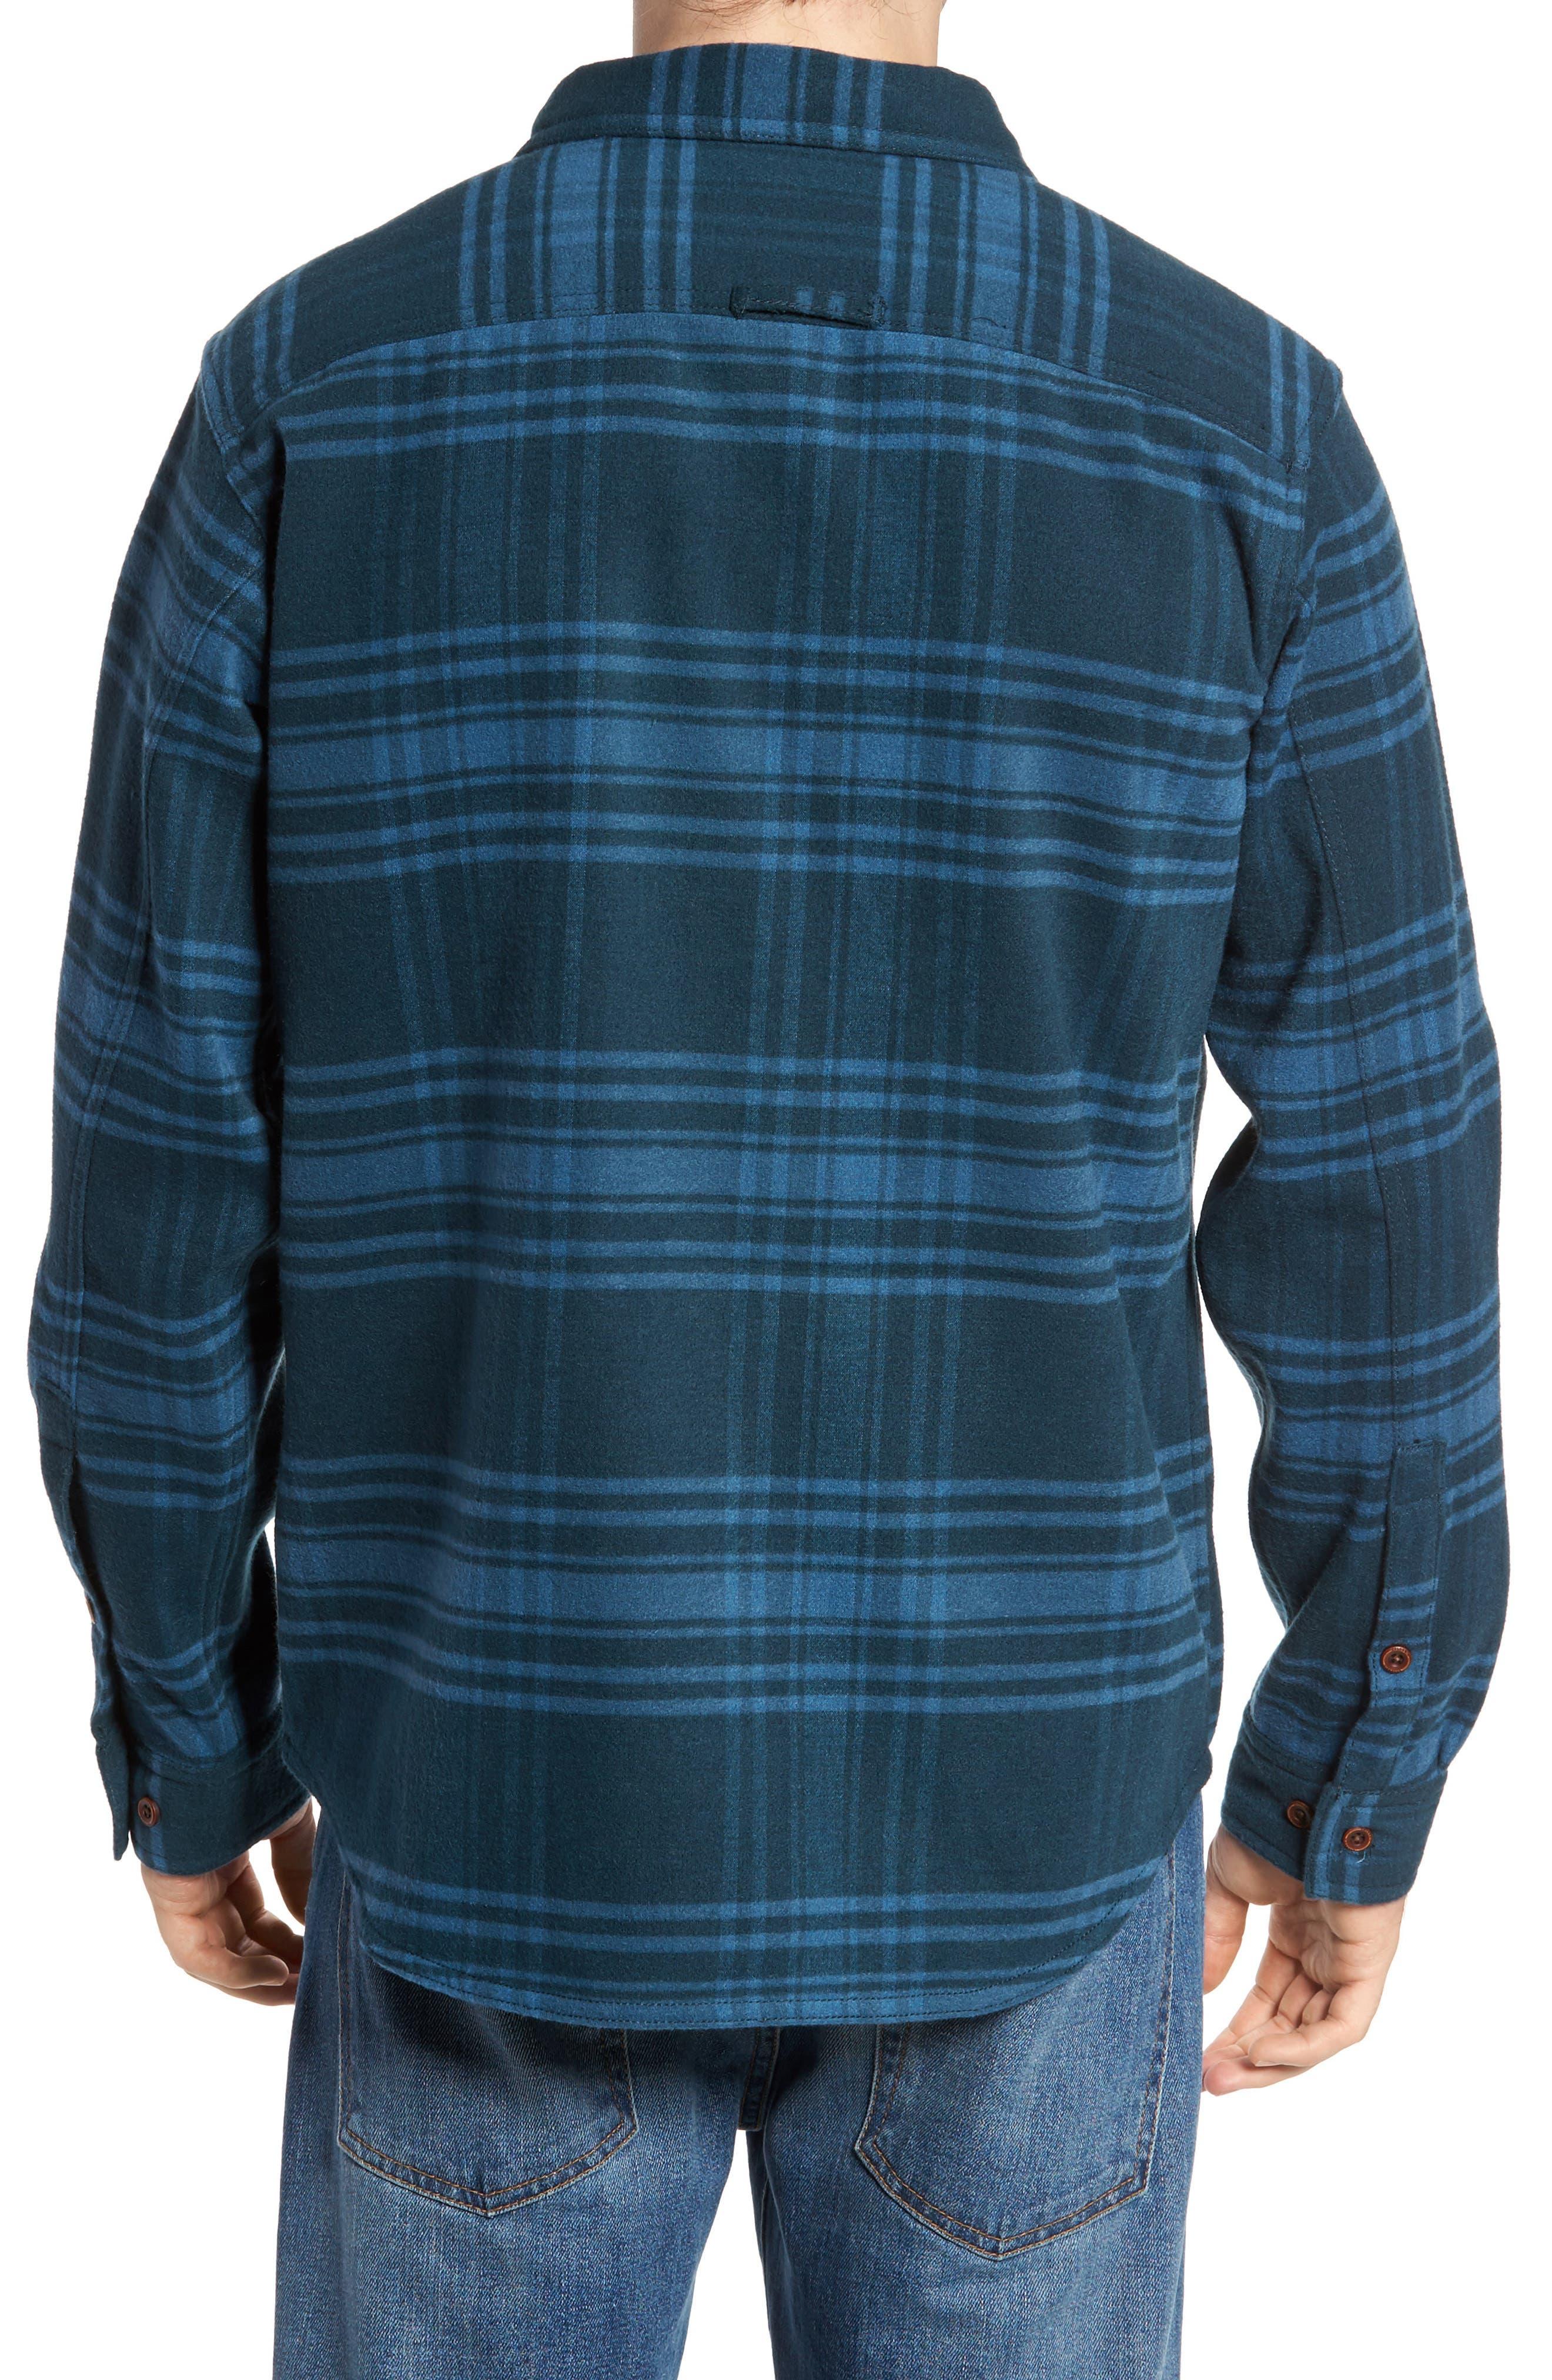 Alternate Image 2  - Columbia Deschutes River™ Heavyweight Flannel Shirt Jacket